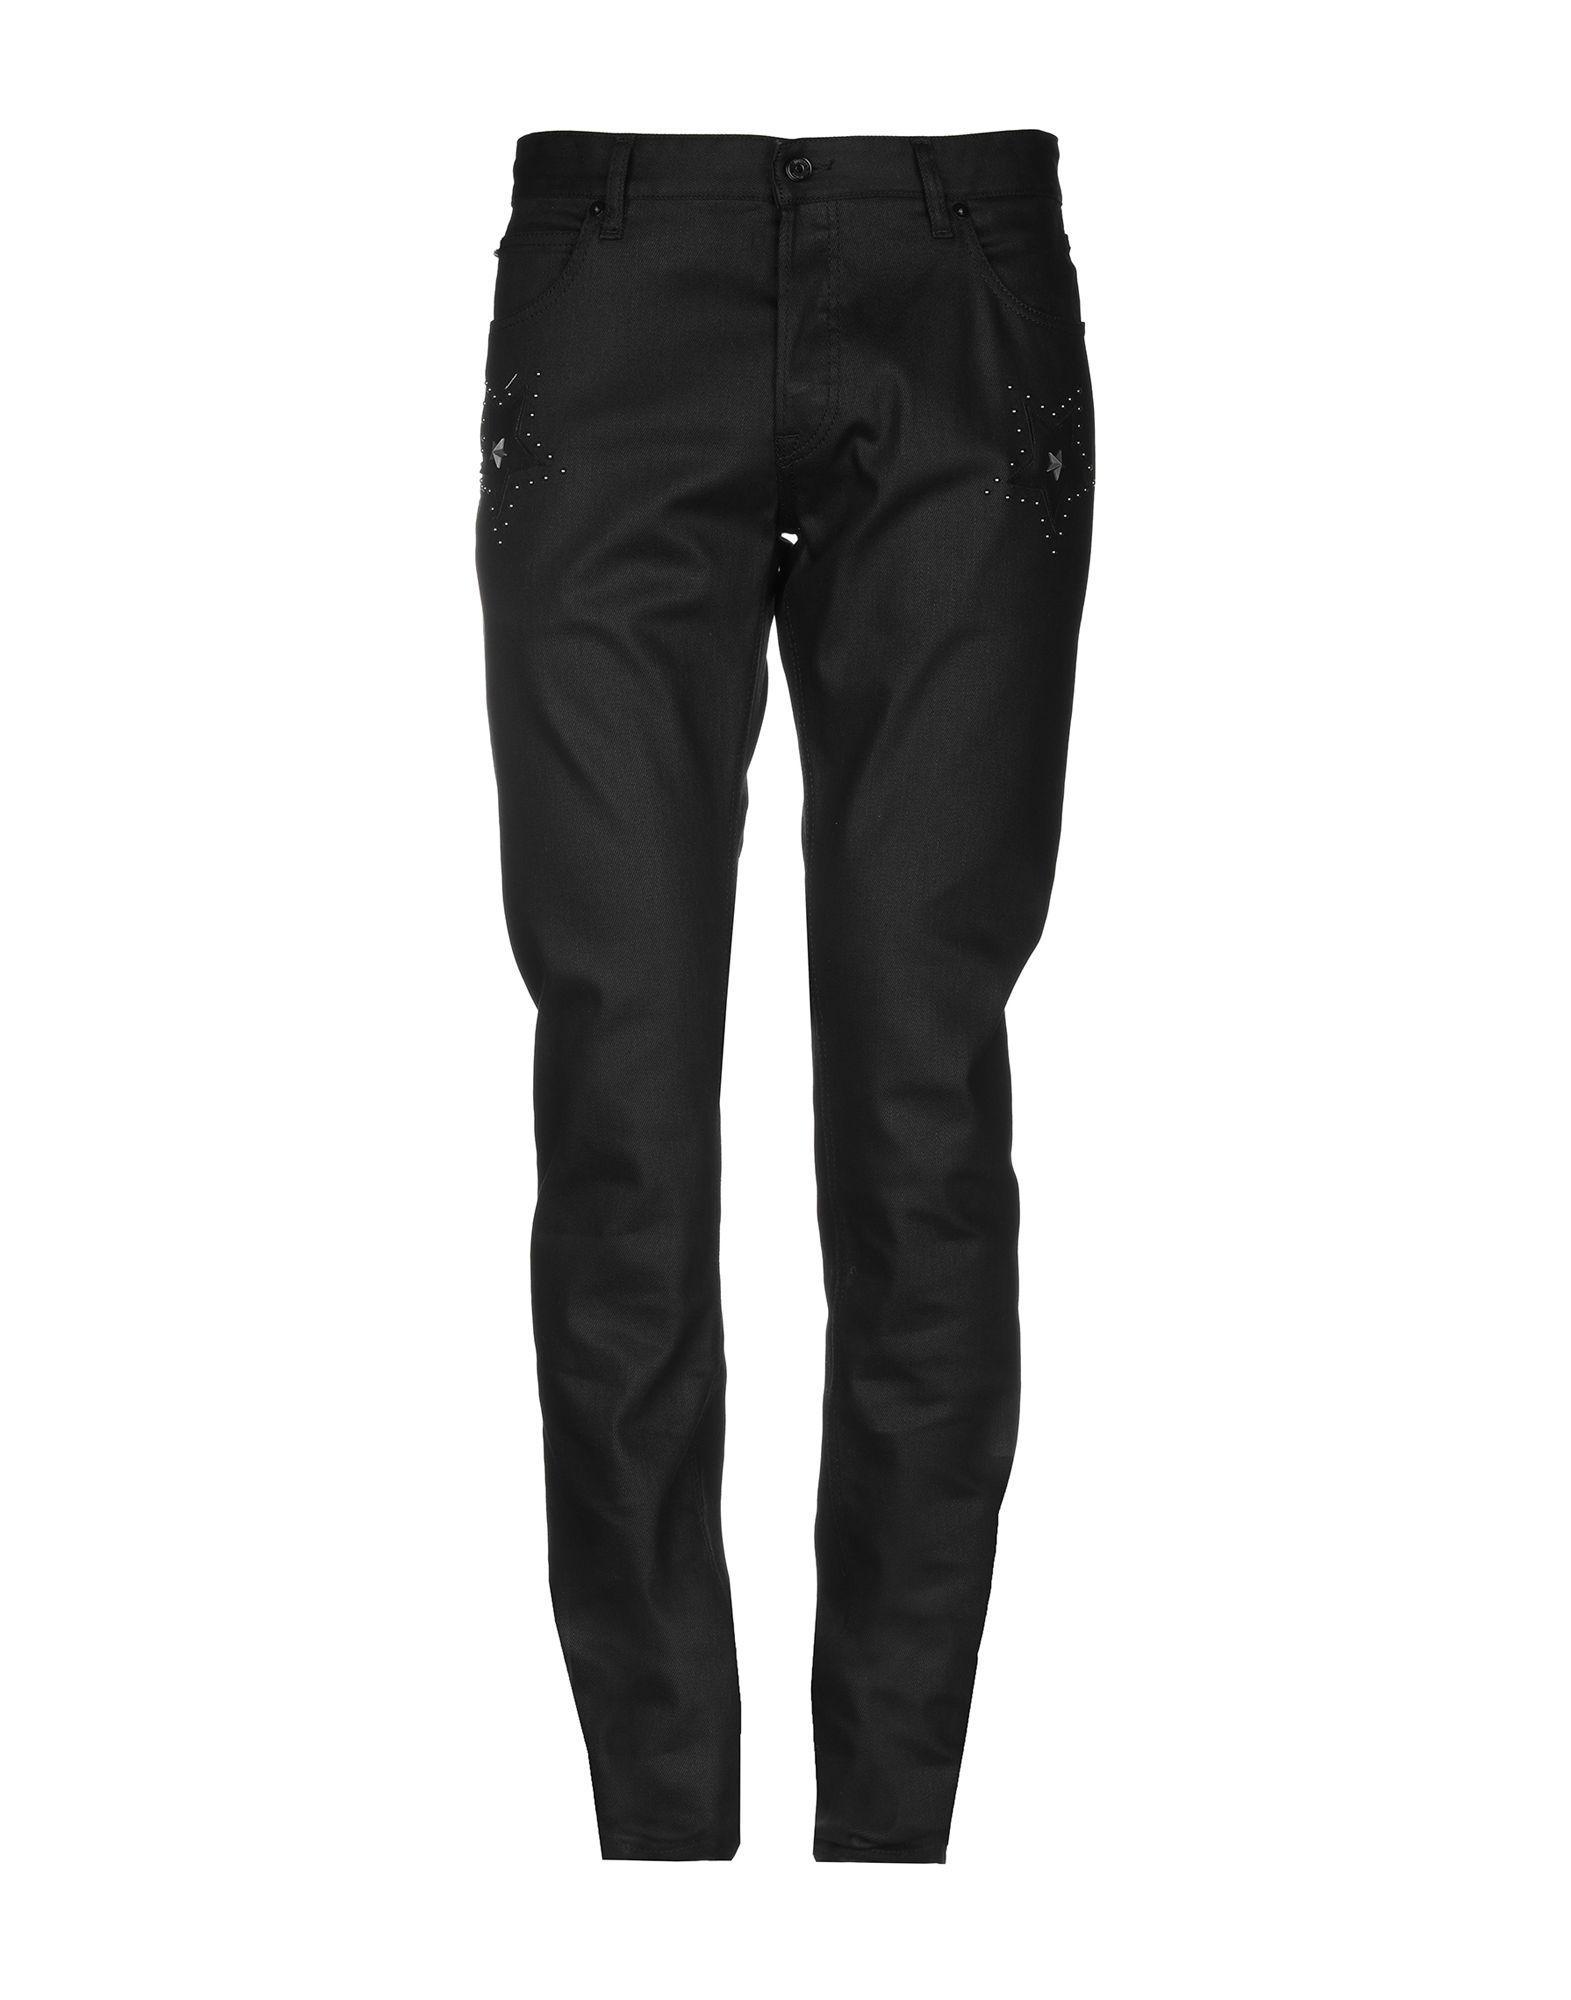 6646f7d4fc77 Lyst - Pantalon en jean Just Cavalli pour homme en coloris Noir